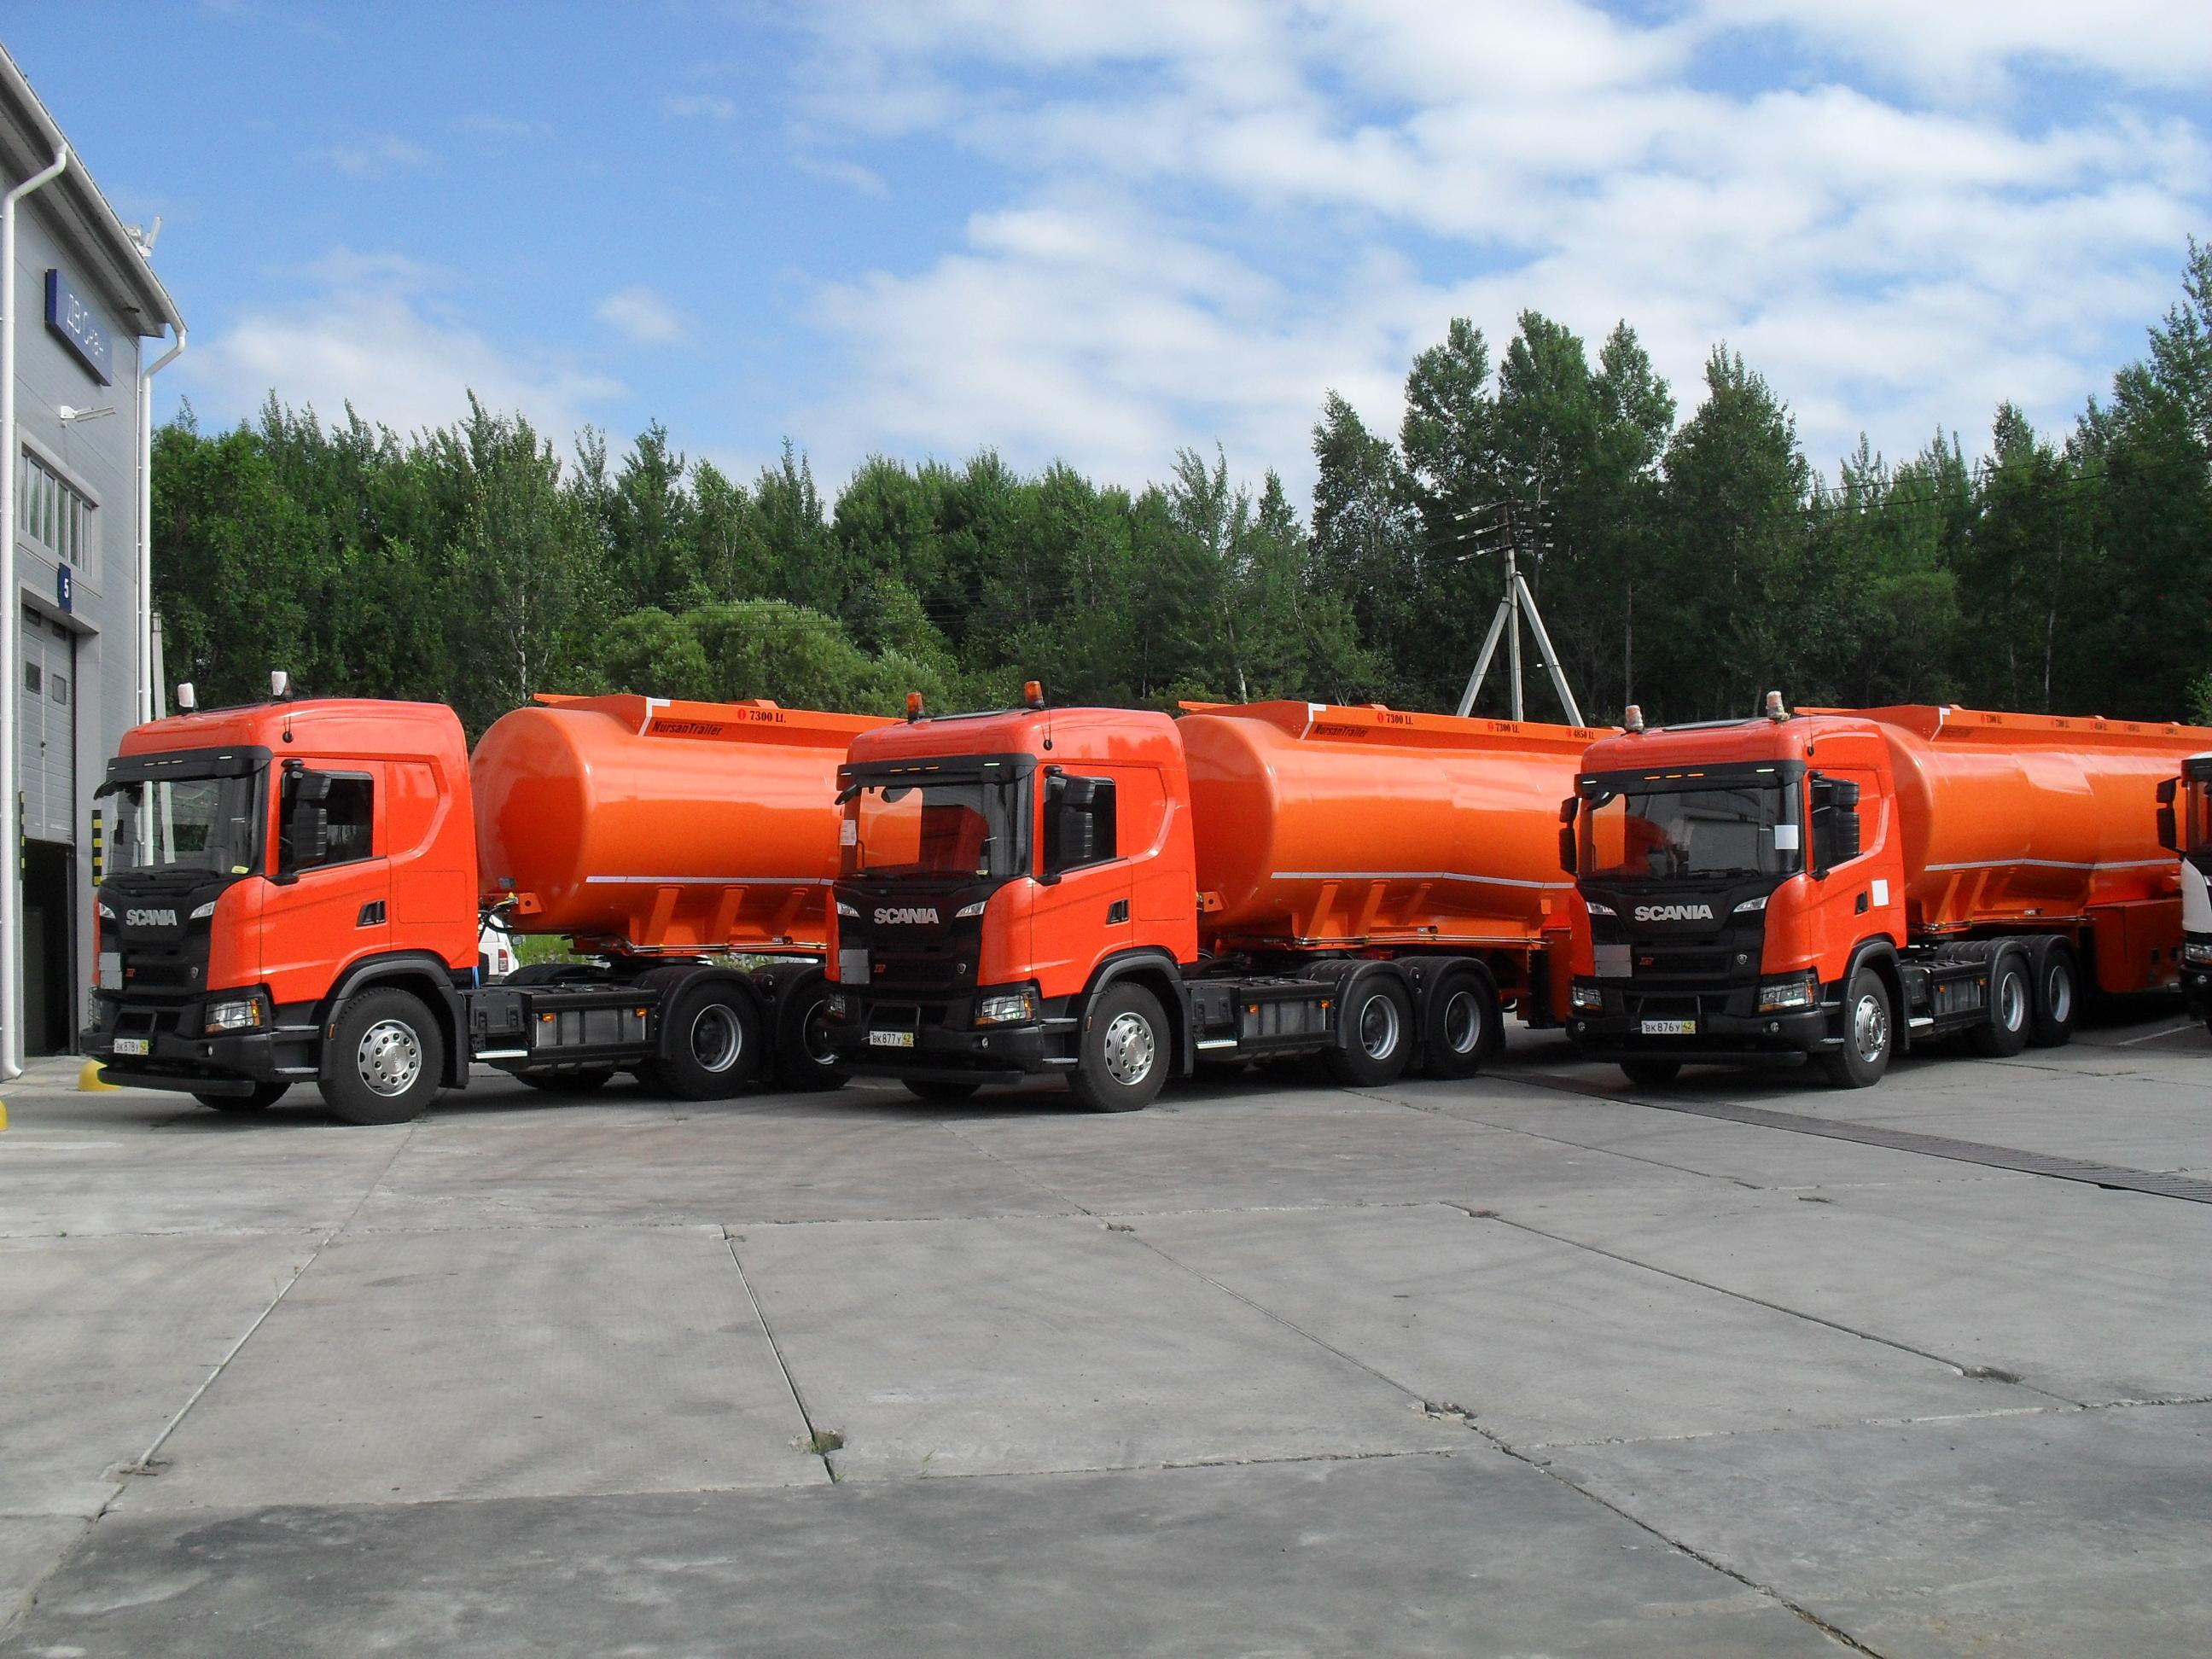 бензовозы топливозаправщики продажа сахалин хабаровск якутия цистерны под нефтепродукты